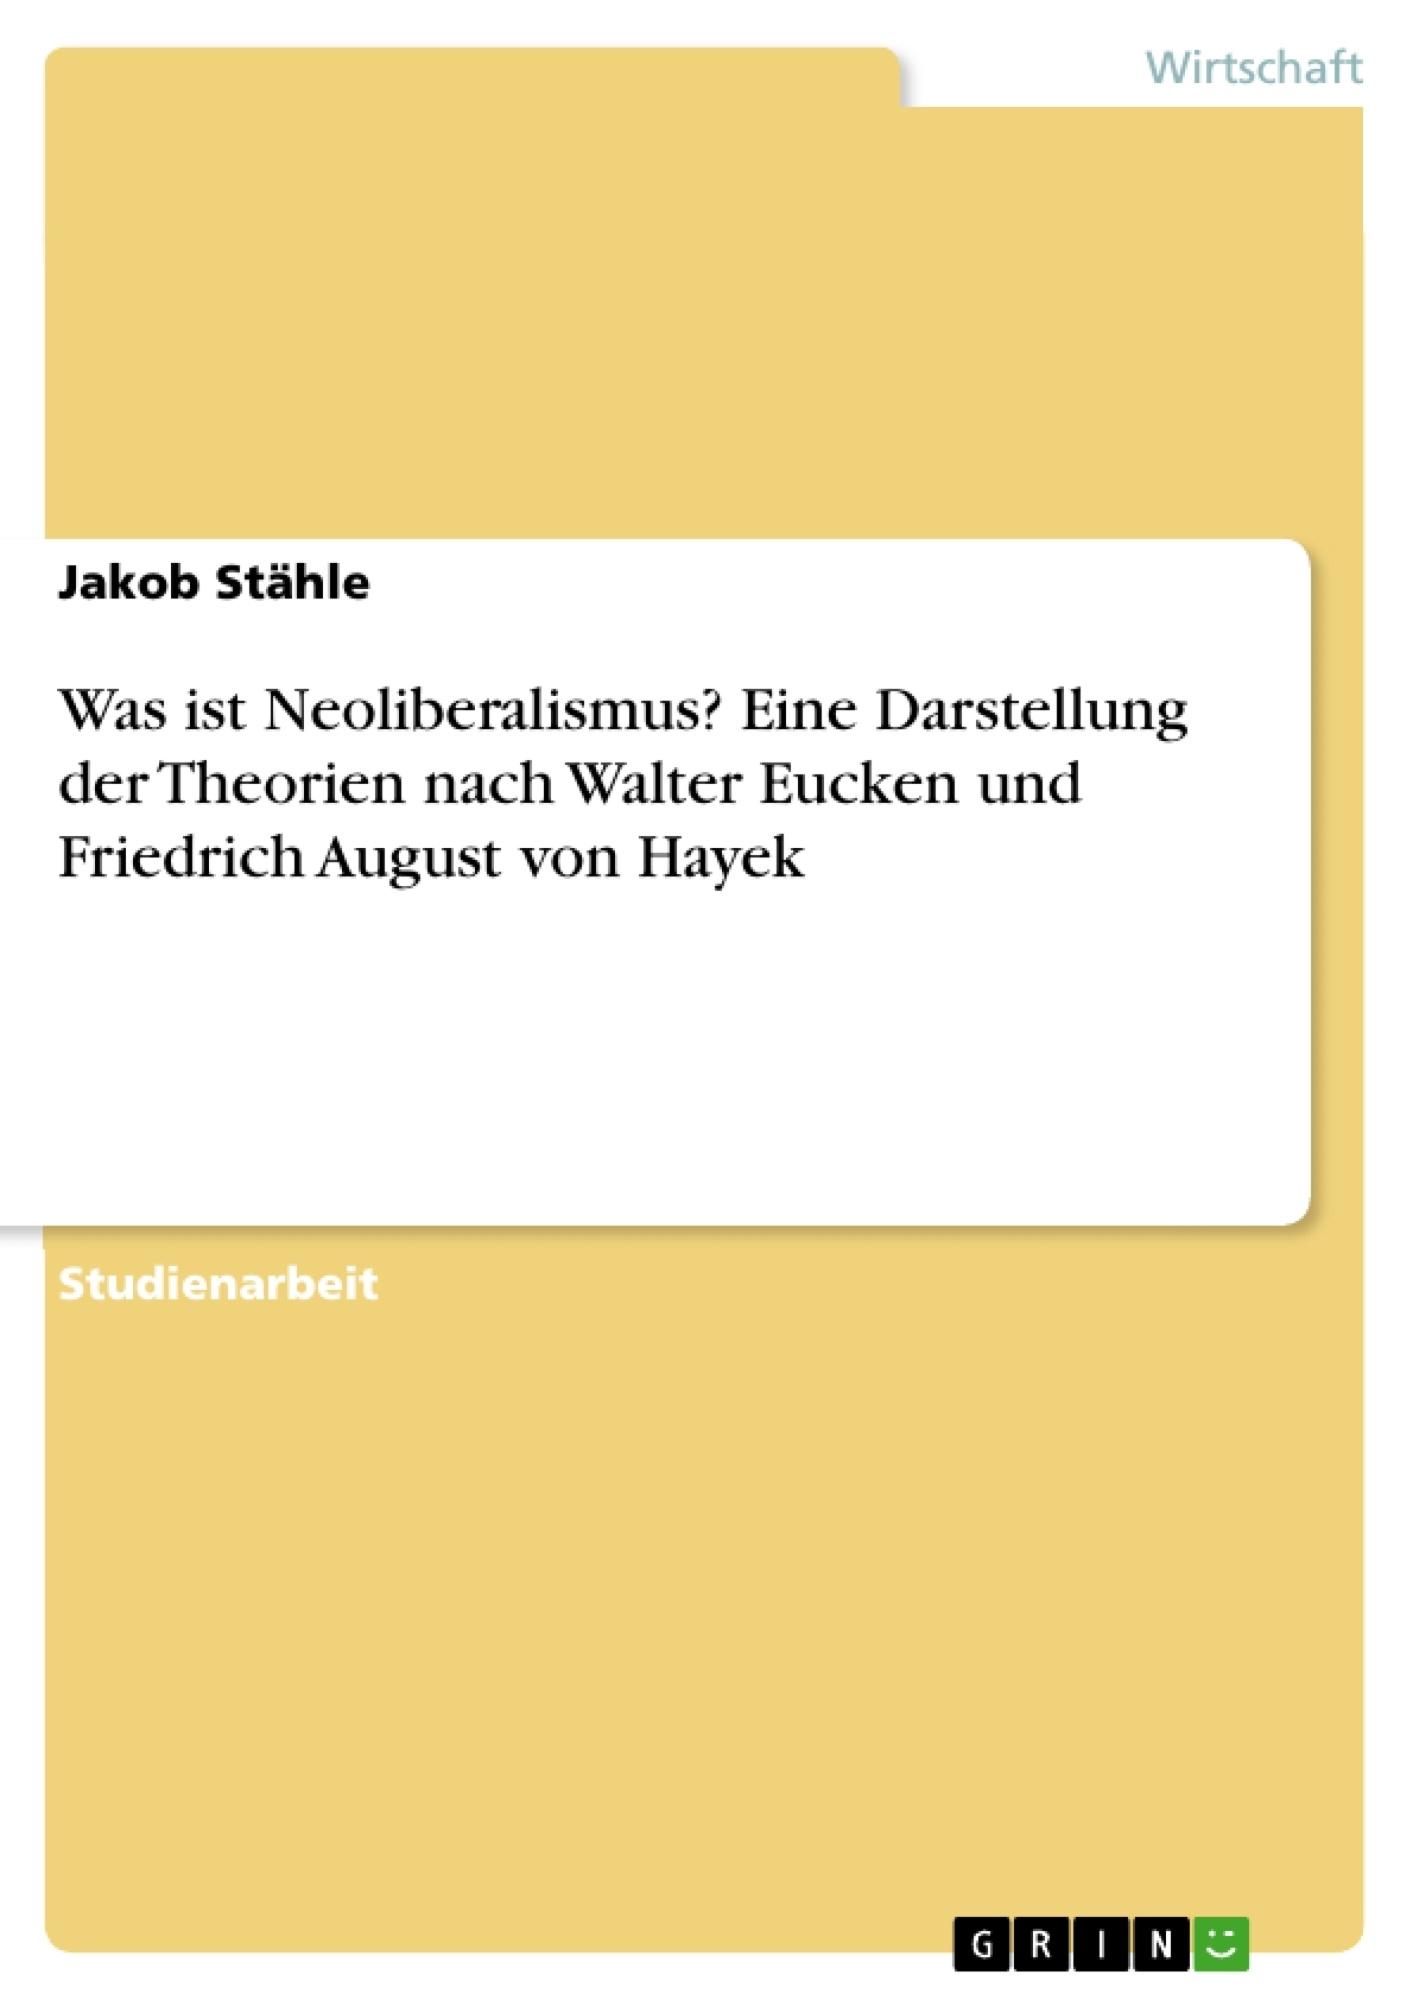 Titel: Was ist Neoliberalismus? Eine Darstellung der Theorien nach Walter Eucken und Friedrich August von Hayek